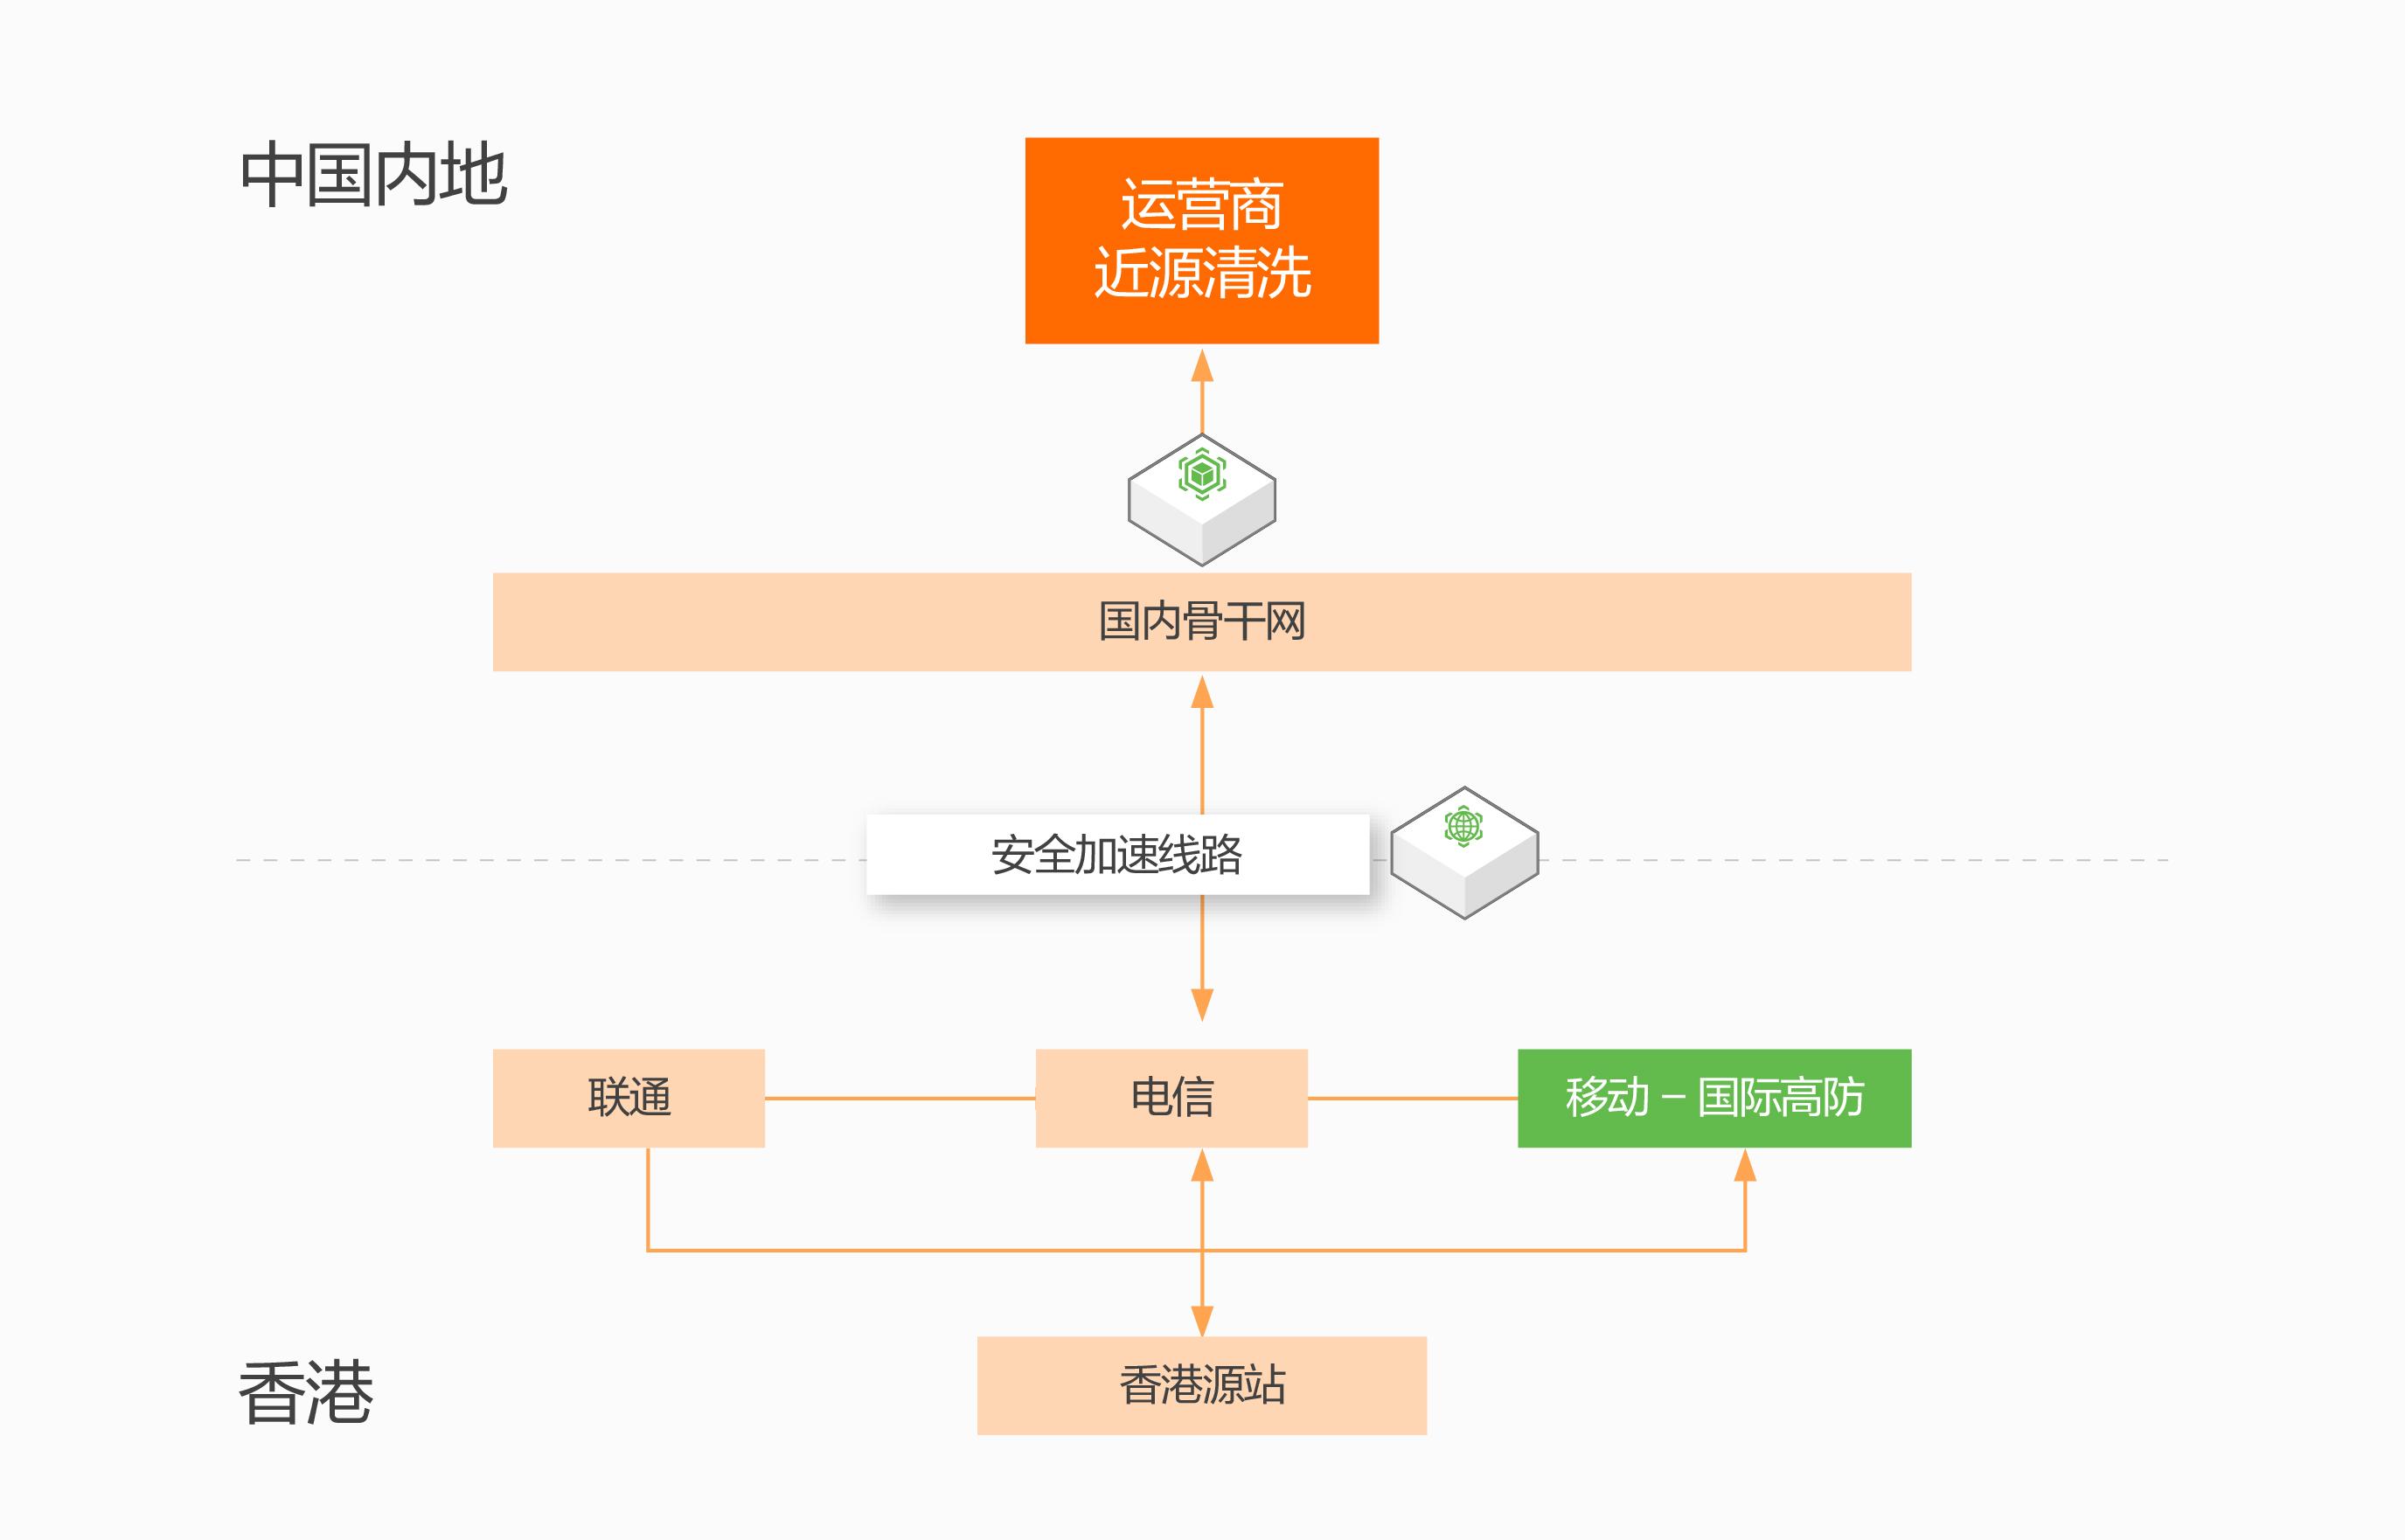 中银国际证券上云-安全体系架构-02.jpg